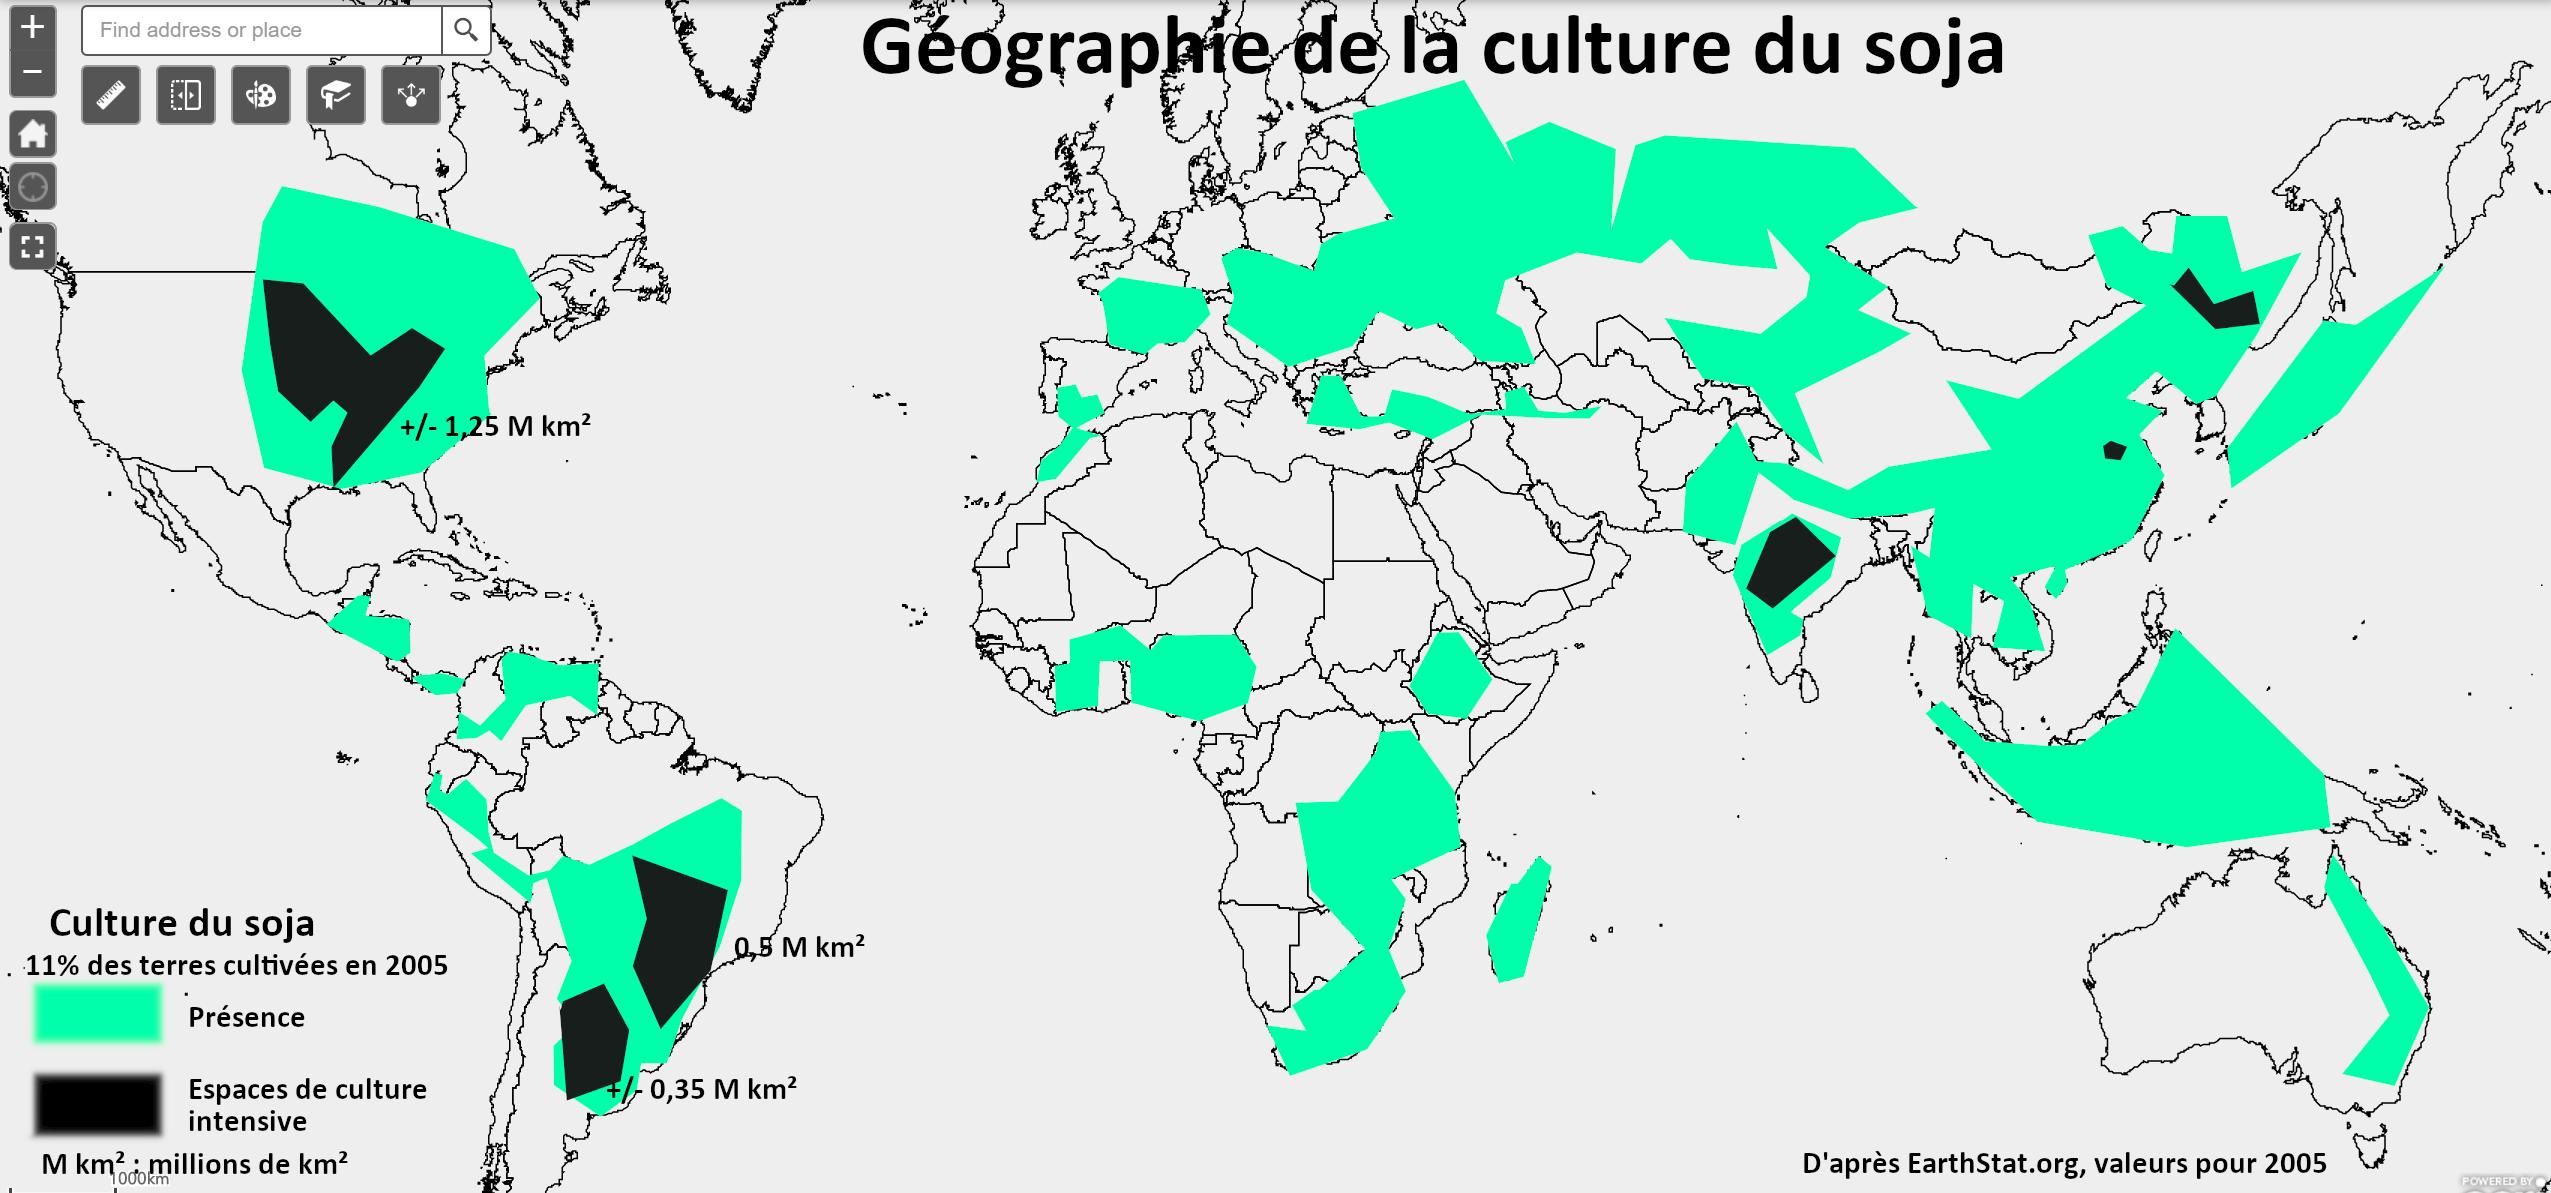 ** Annoter une carte pour décrire la répartition spatiale du soja dans le monde